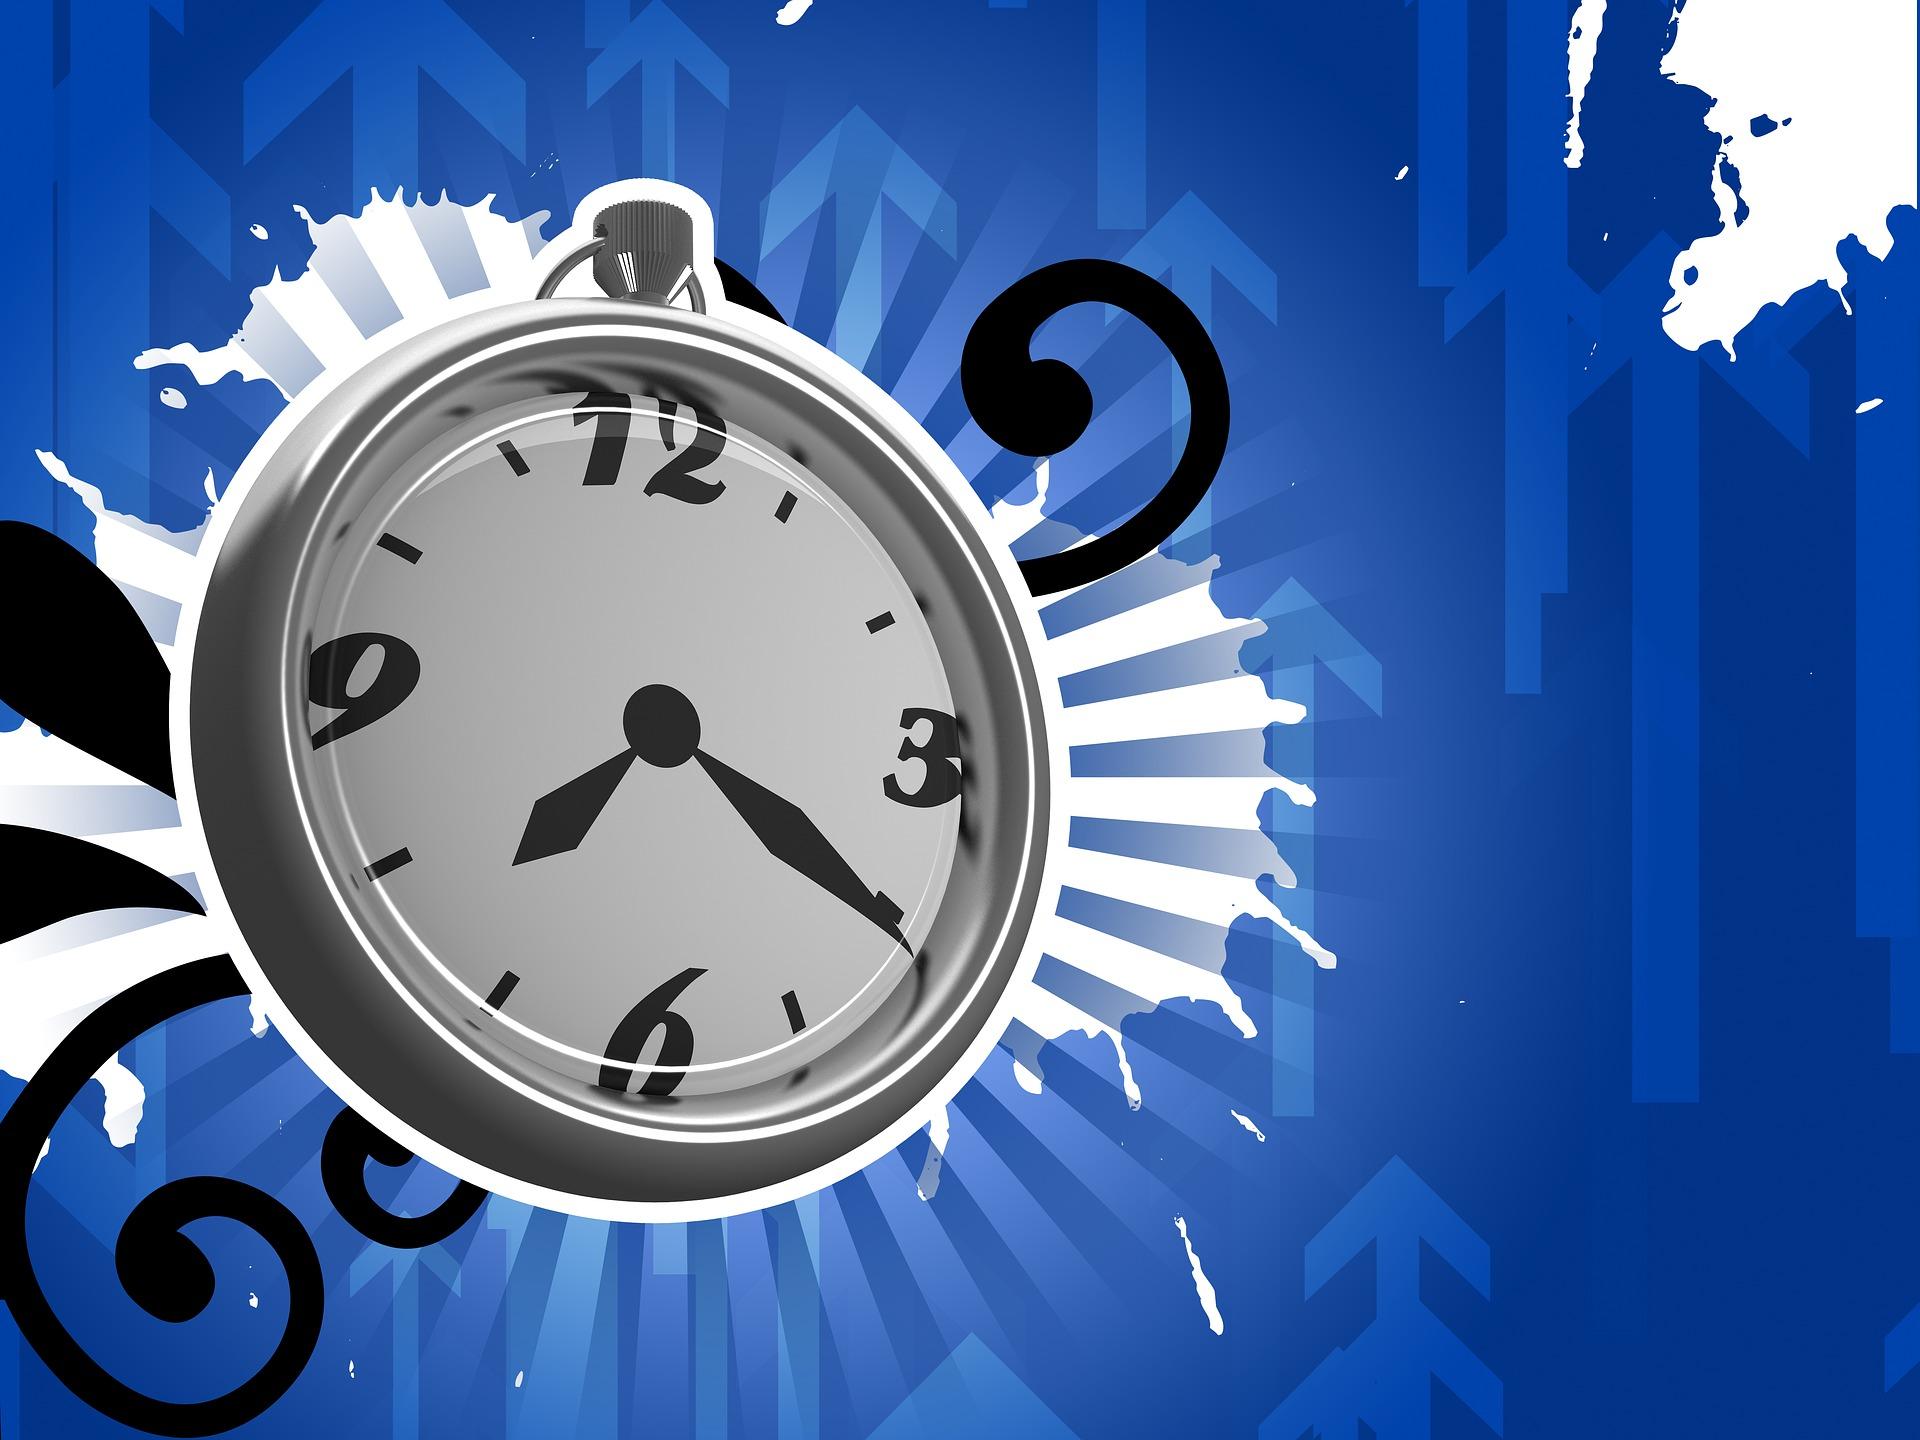 clock-2891810_1920